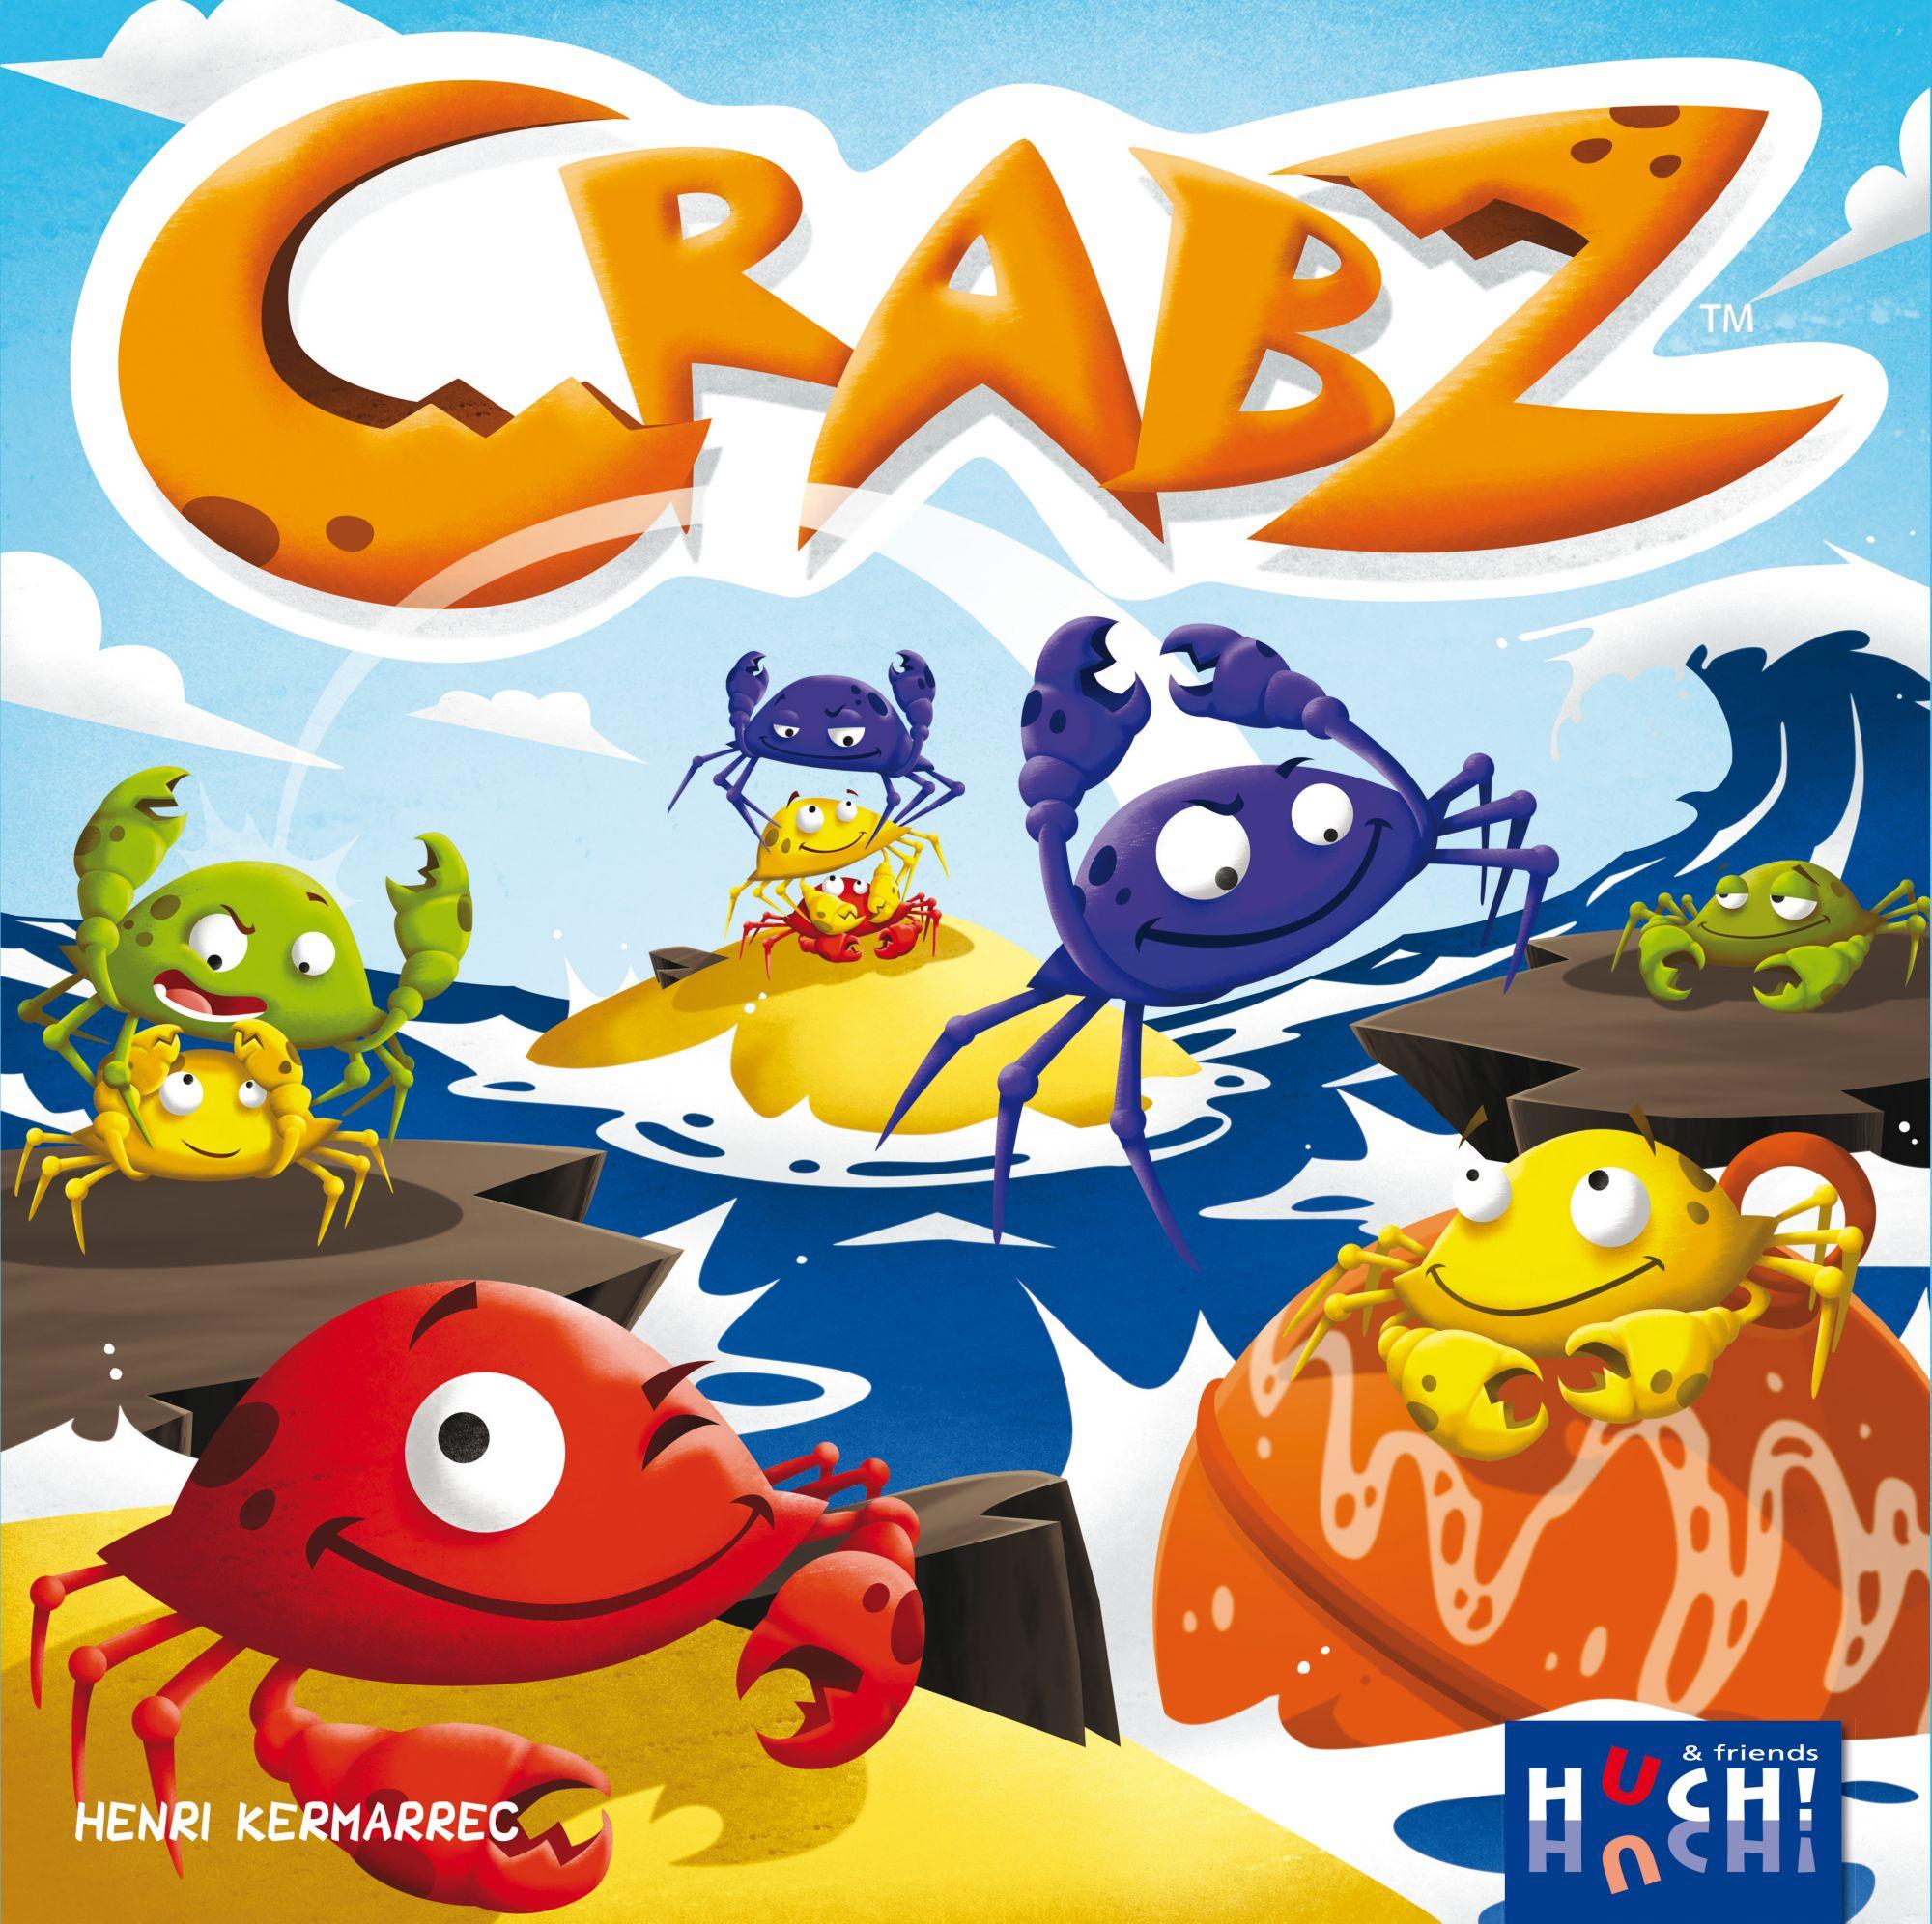 HUCH FRIENDS Huch! & friends Brettspiel, »Crabz«